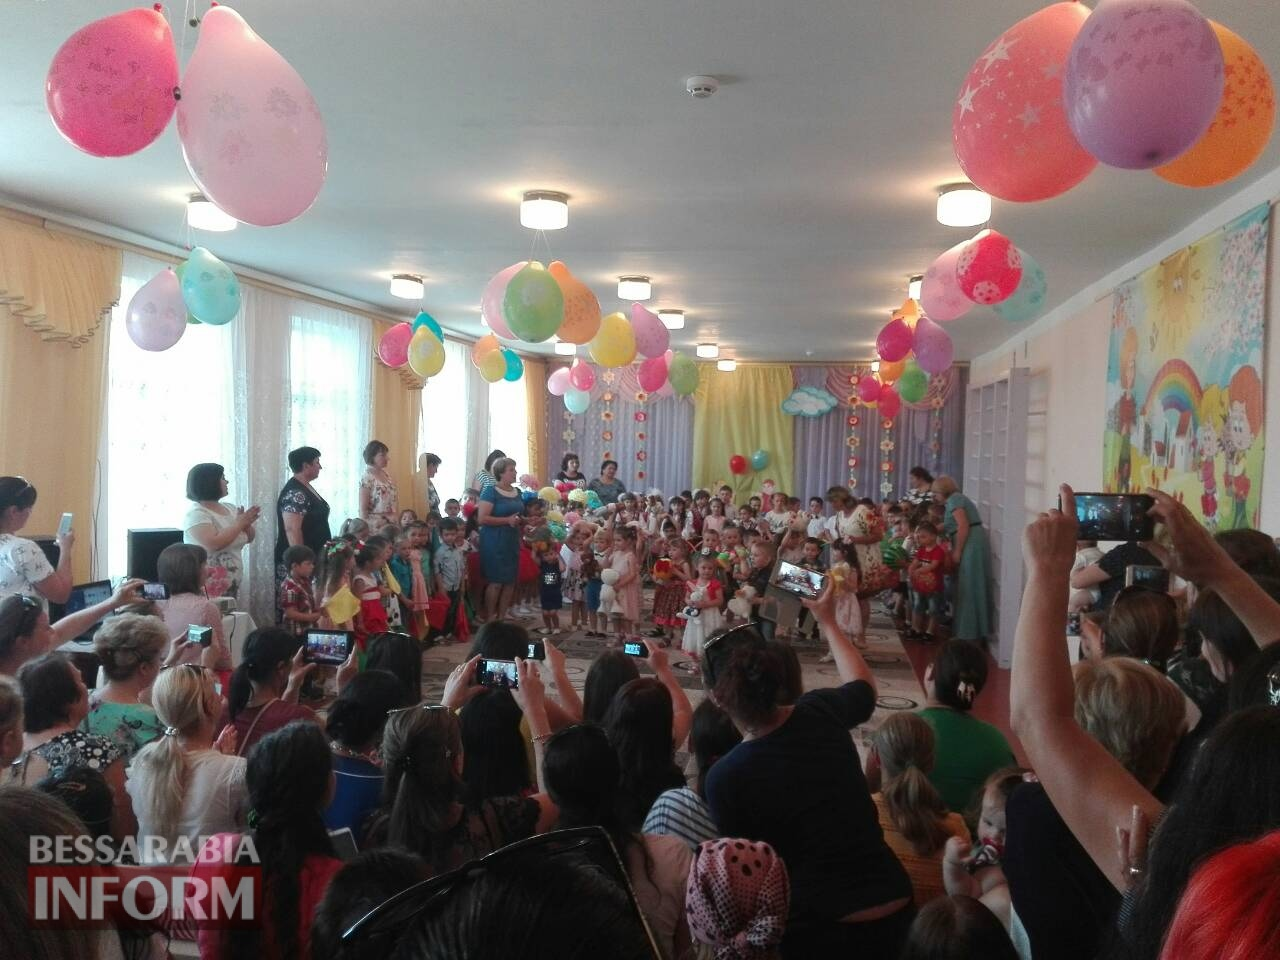 День защиты детей по-каменски: подарком к празднику стало массовое купание детей в бассейне